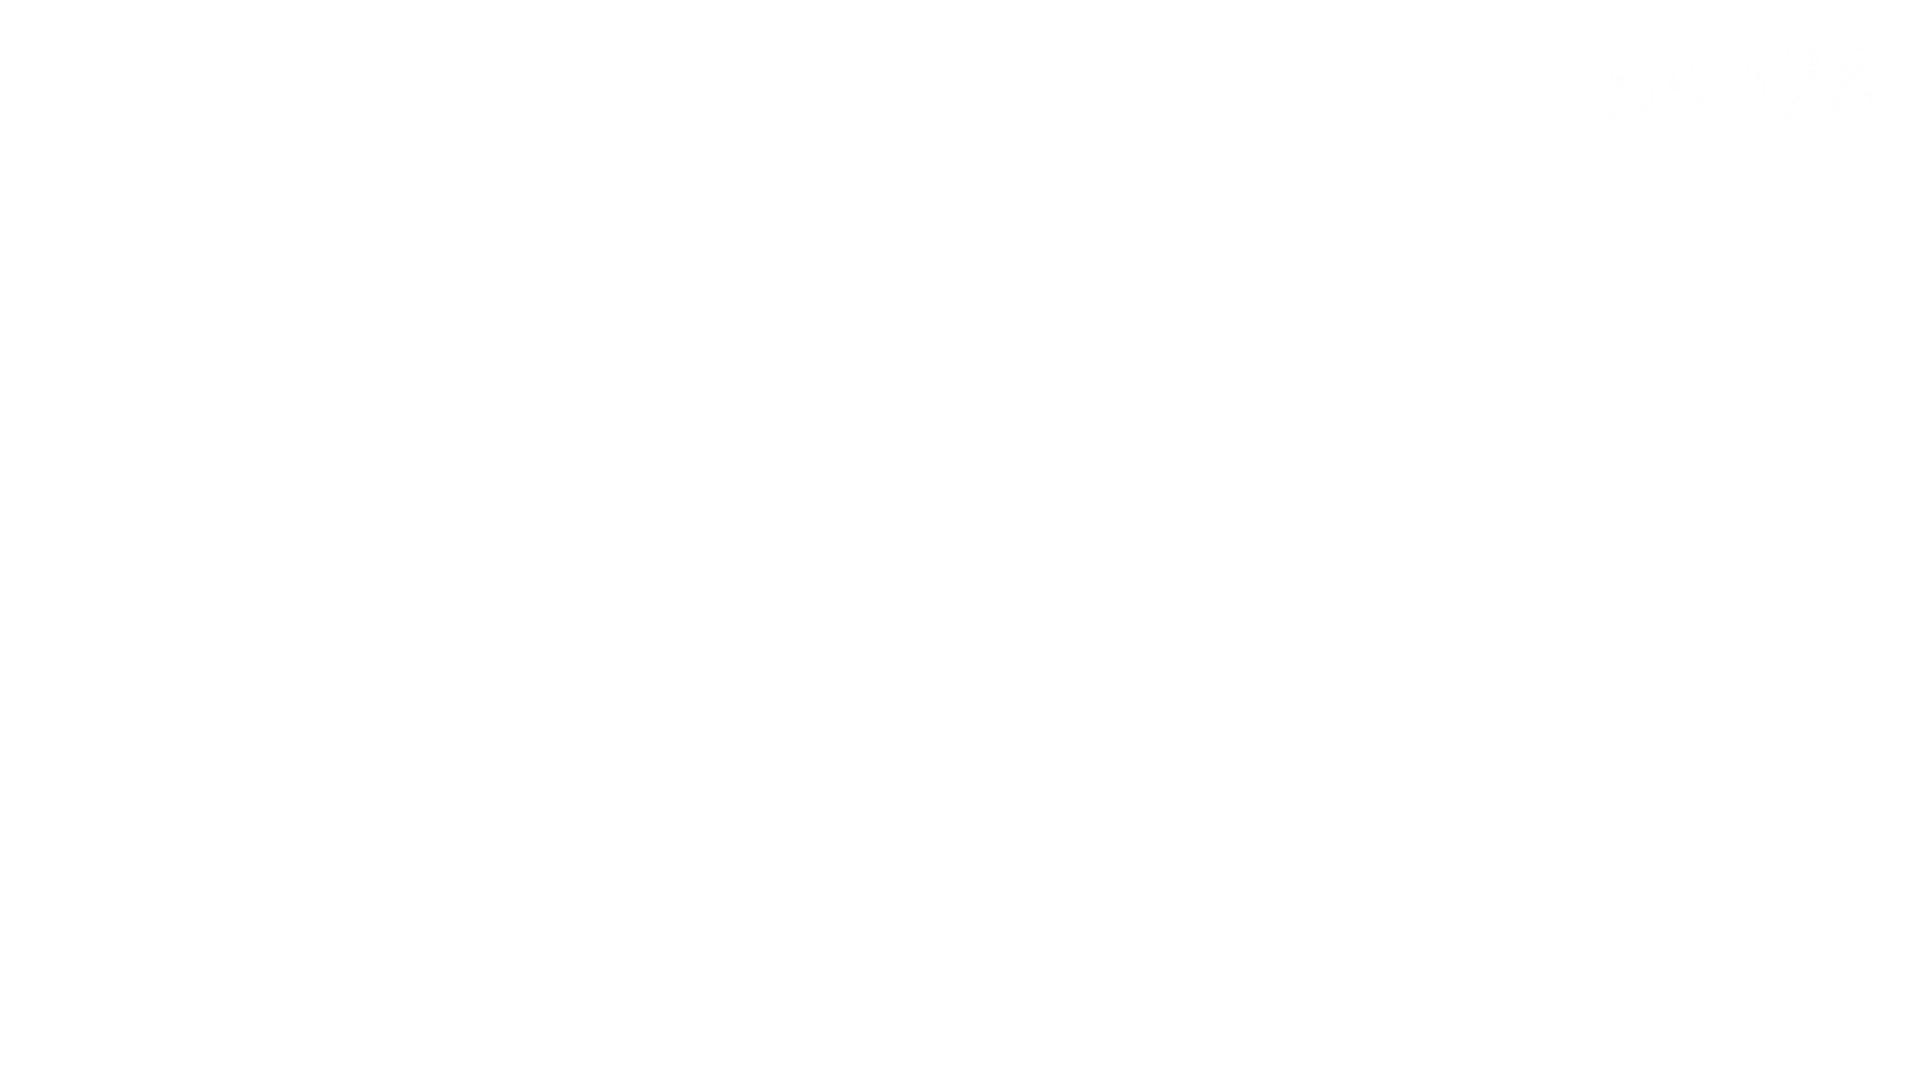 ▲復活限定▲ハイビジョン 盗神伝 Vol.28 色っぽいOL達  95pic 36